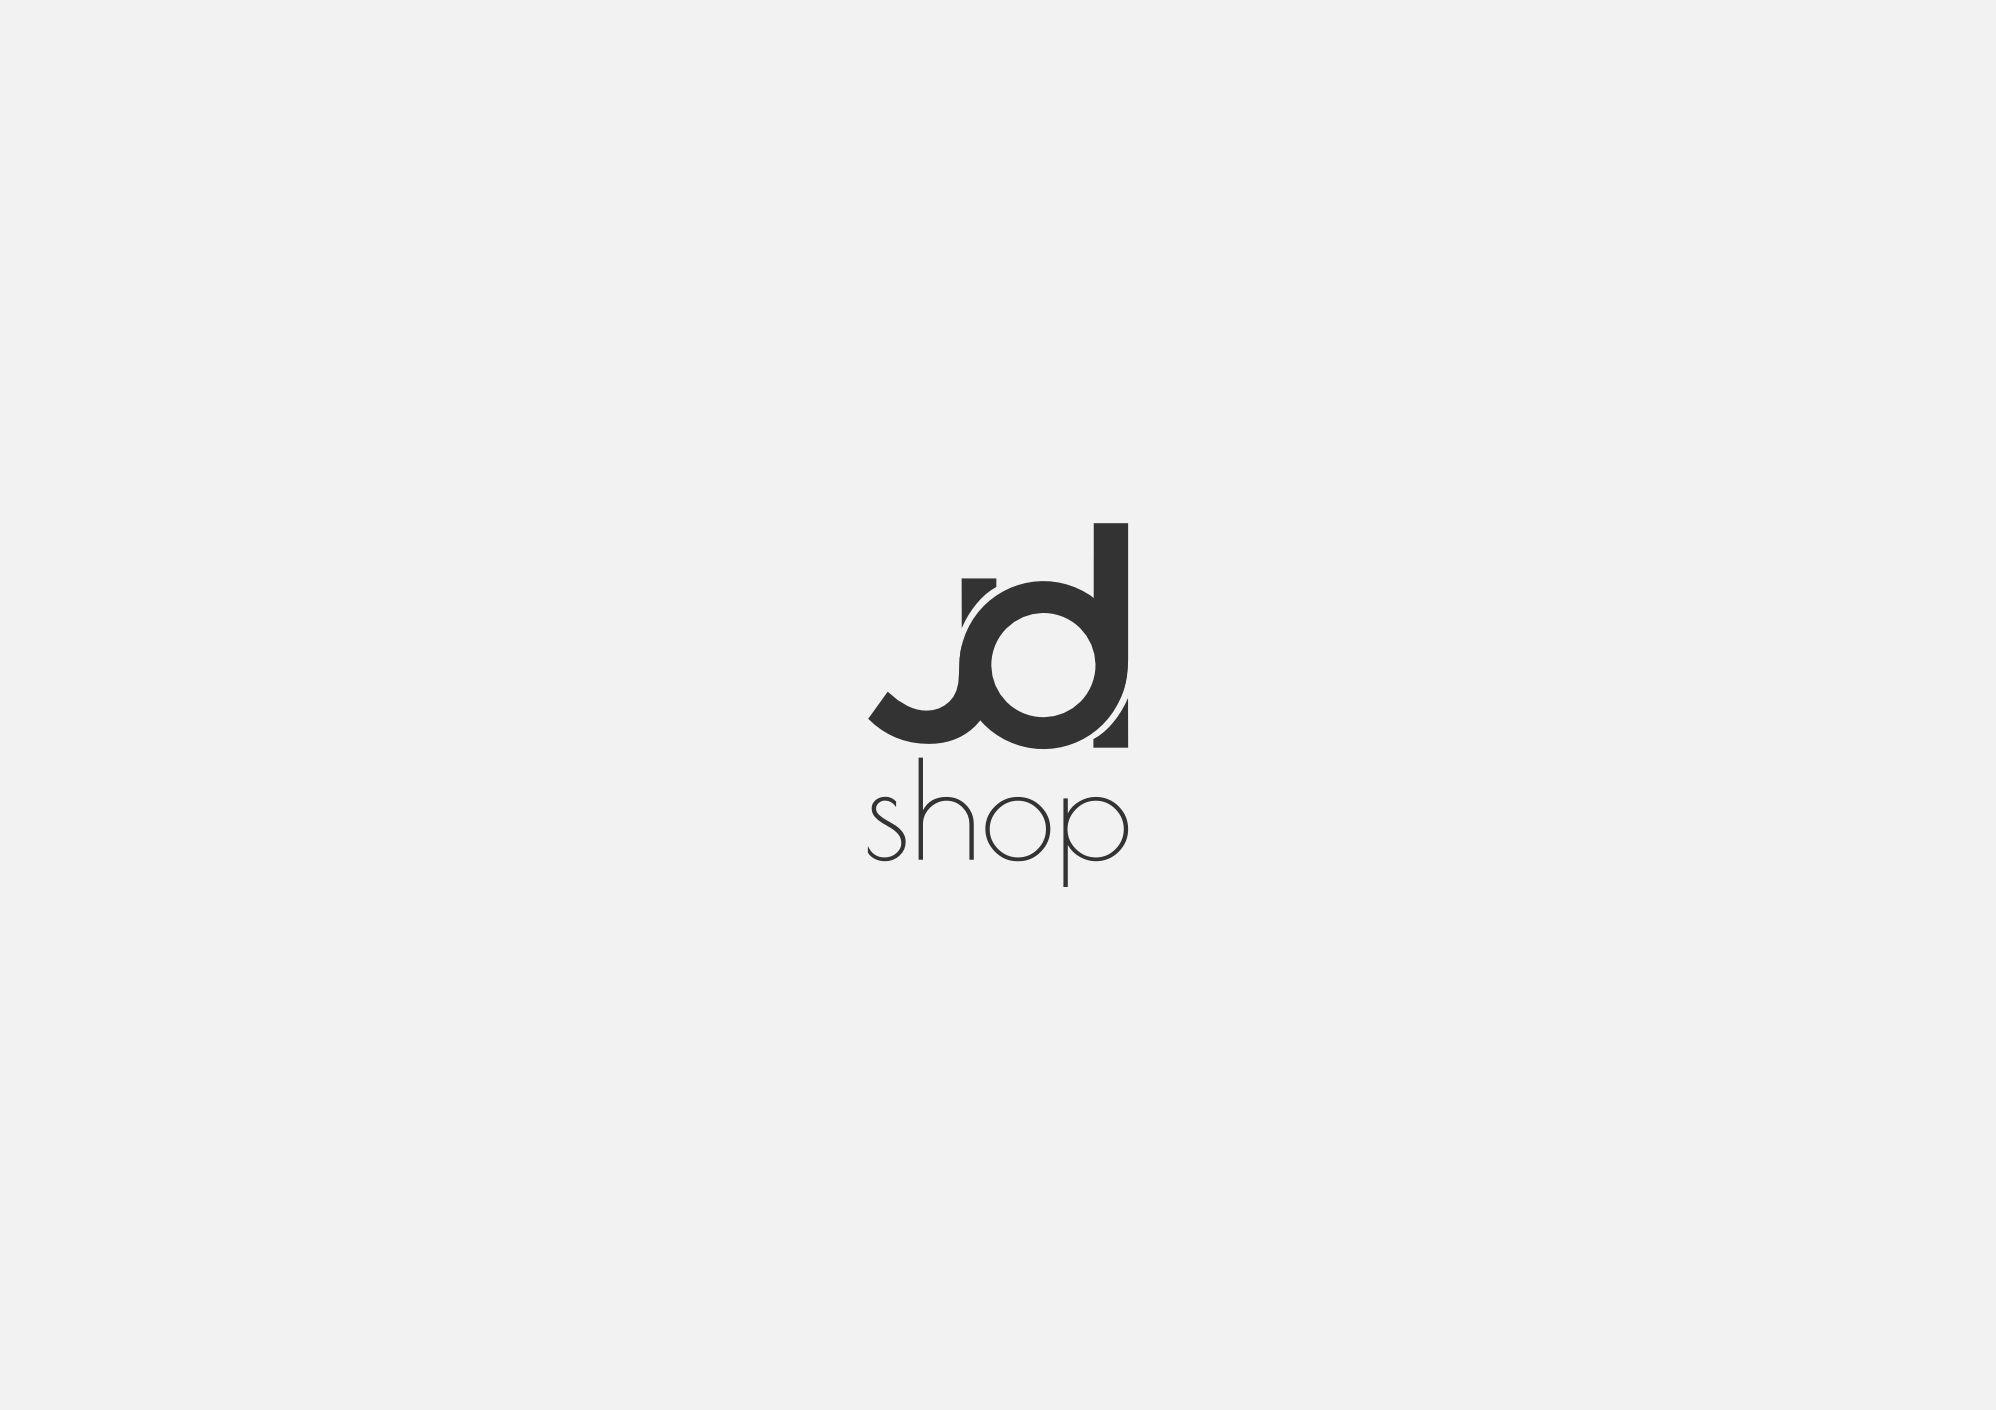 Логотип для  магазина-ателье  - дизайнер qwertymax2